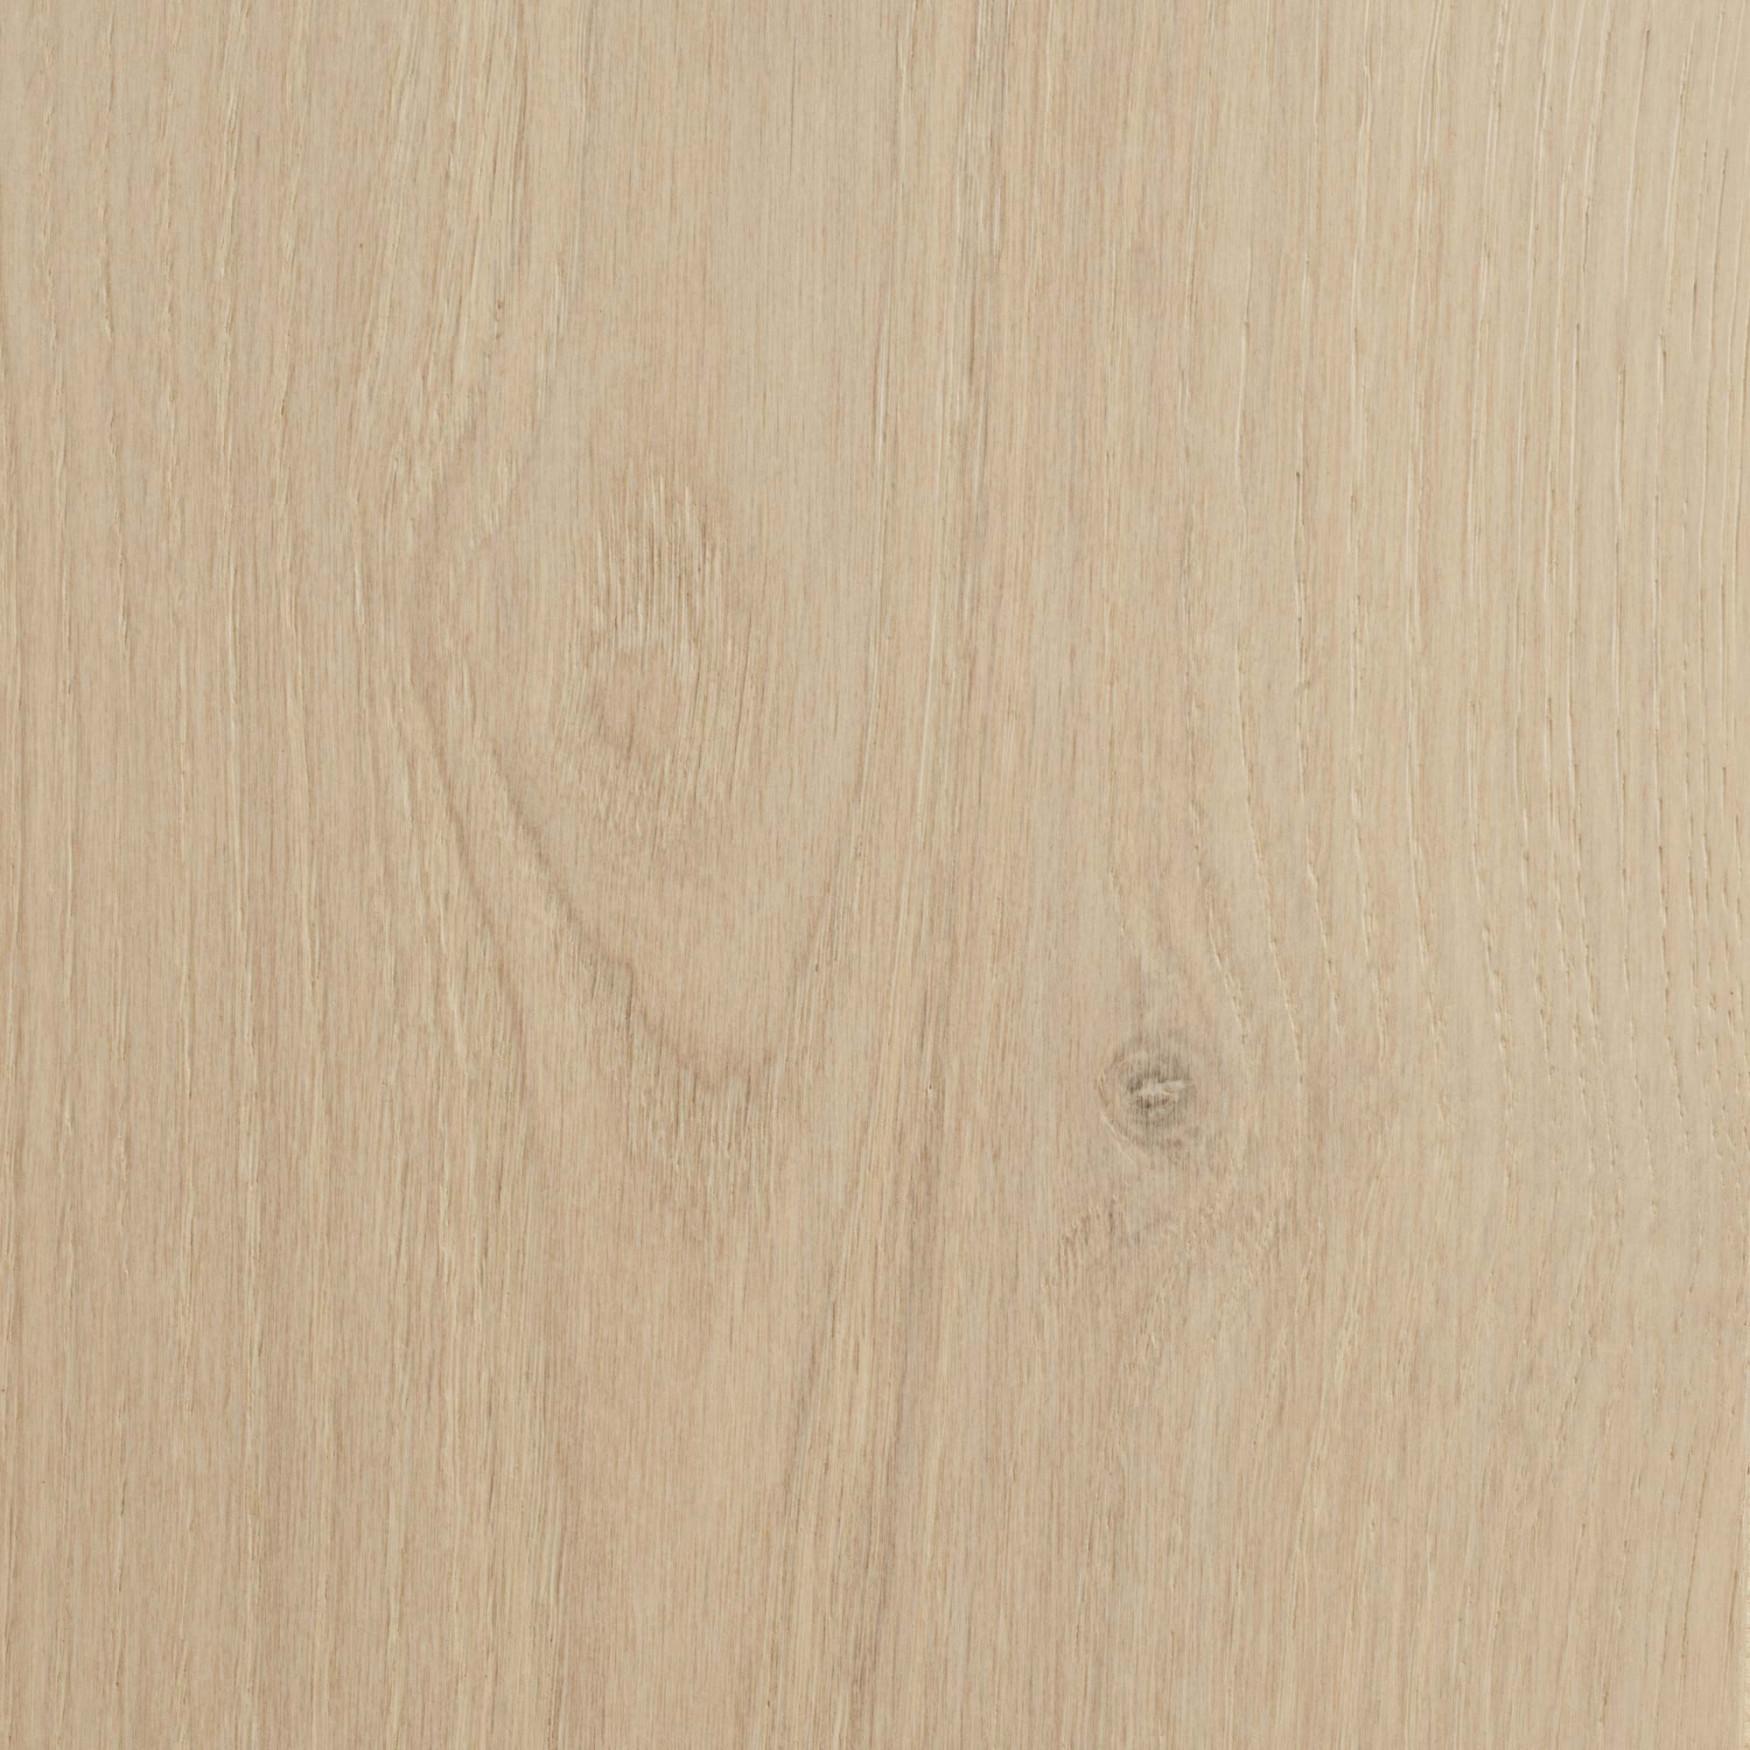 Element7-wide-plank-samples-Ivory-Oak-lighter